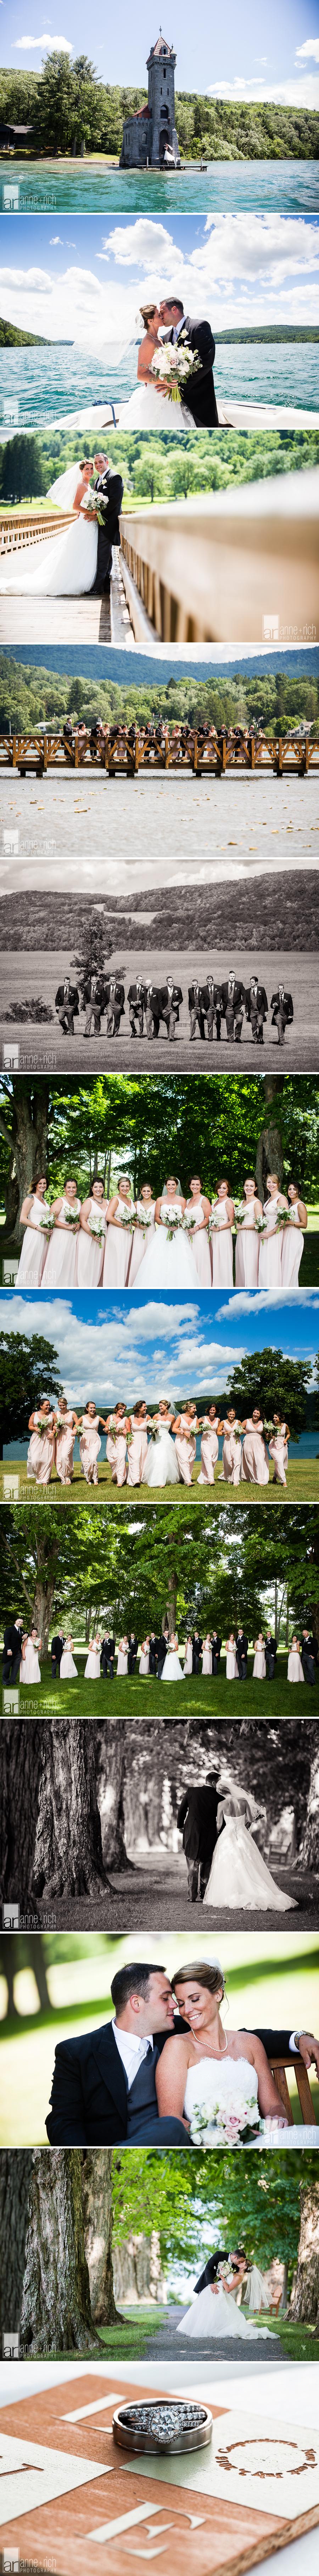 cooperstown_wedding2